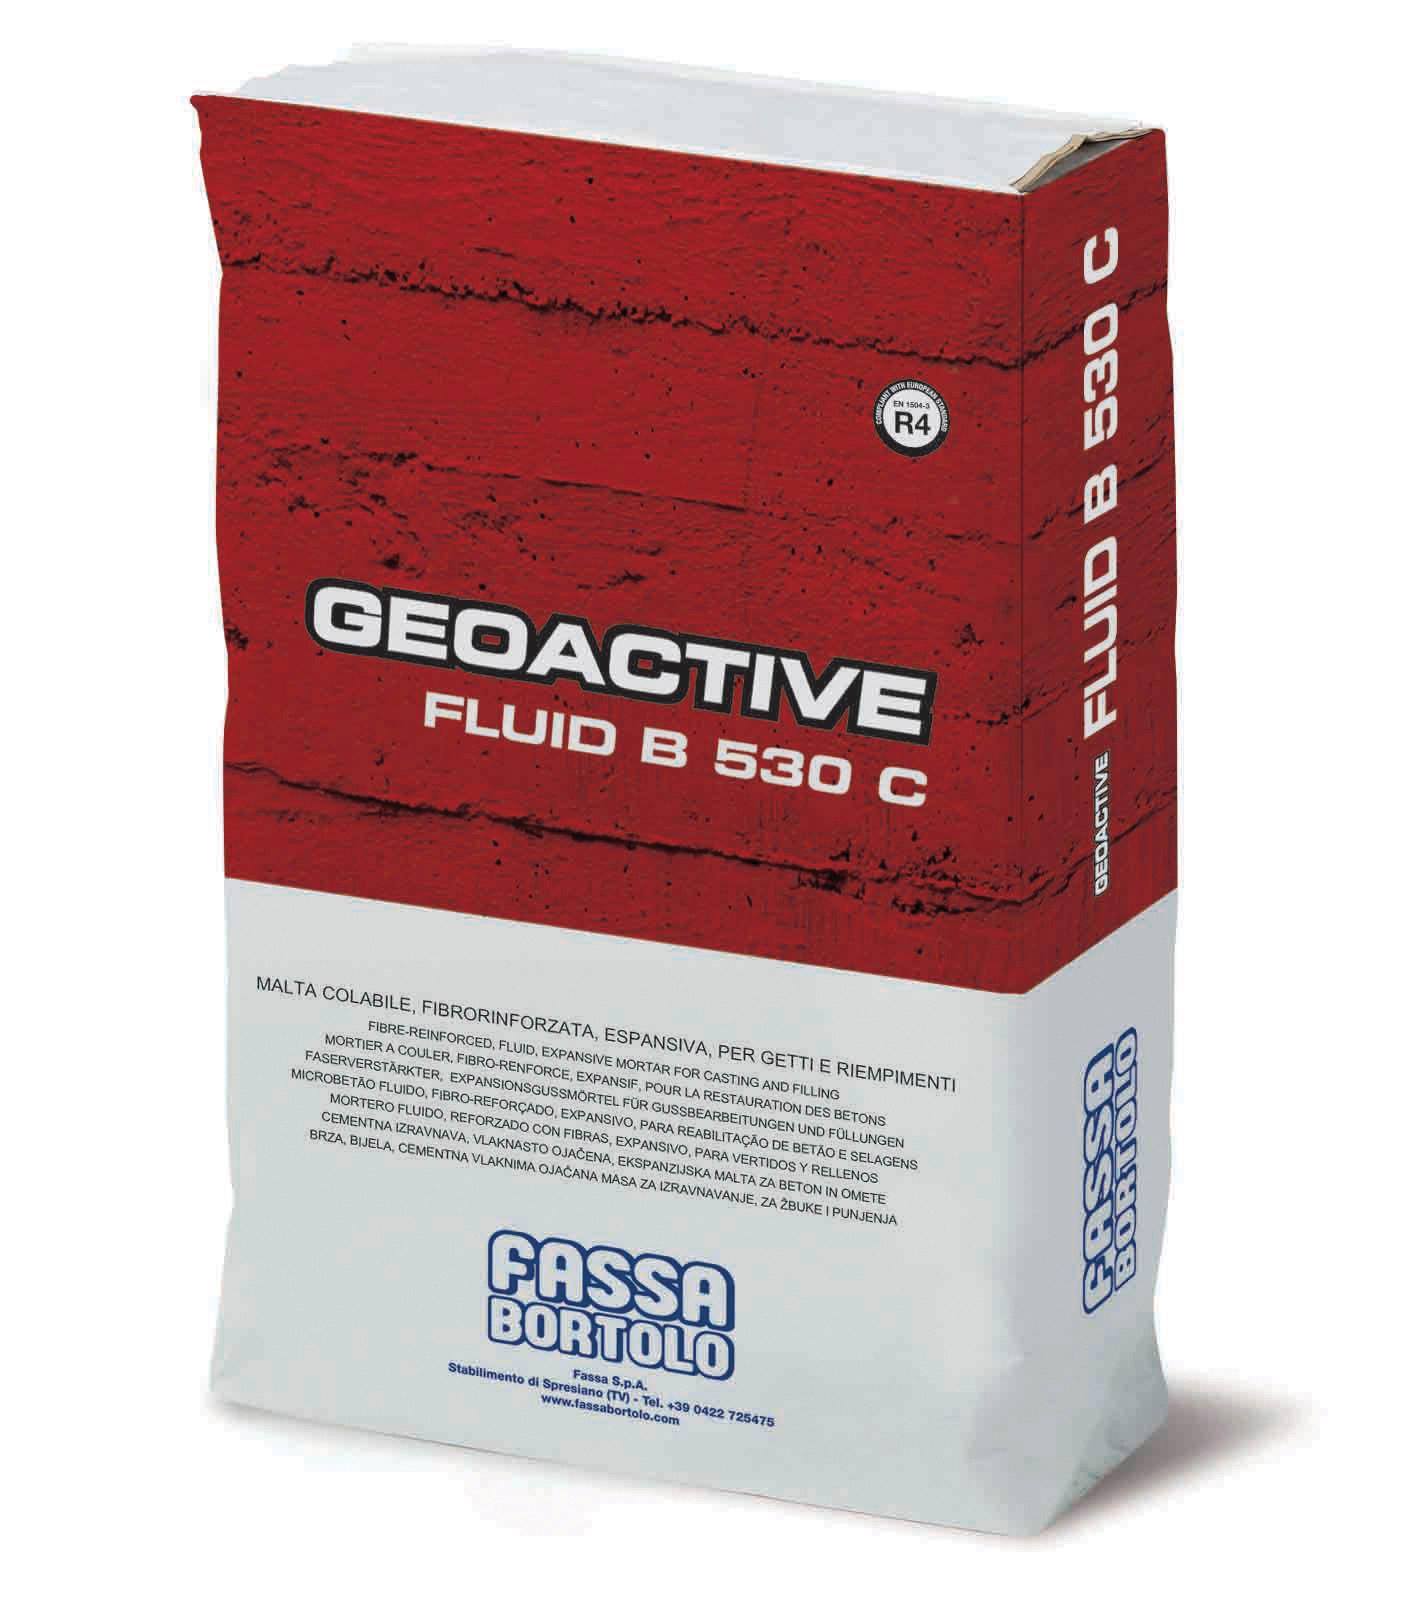 GEOACTIVE FLUID B 530 C: Argamassa cimentícia com fluidez controlável, de fluída a super-fluída, expansiva e de elevadas prestações mecânicas, para a reabilitação e reforço de estruturas em betão armado e para a ancoragem de máquinas e estruturas metálicas